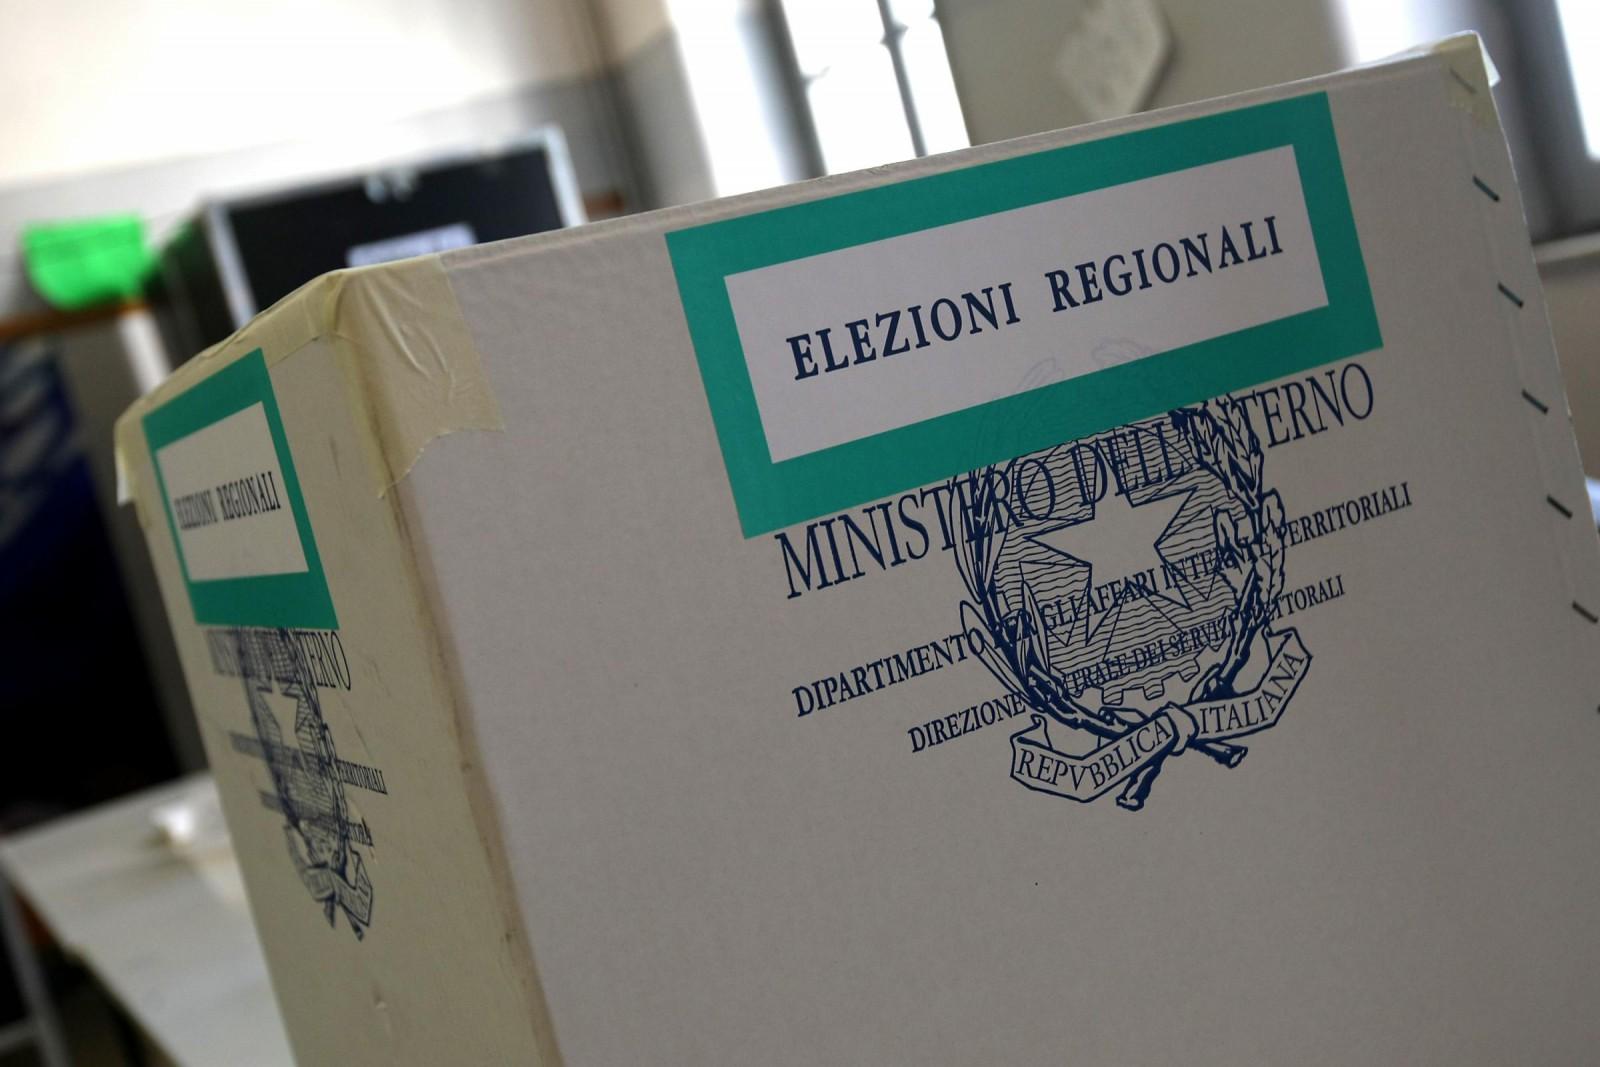 In Sicilia sconfitte la politica e la trasparenza